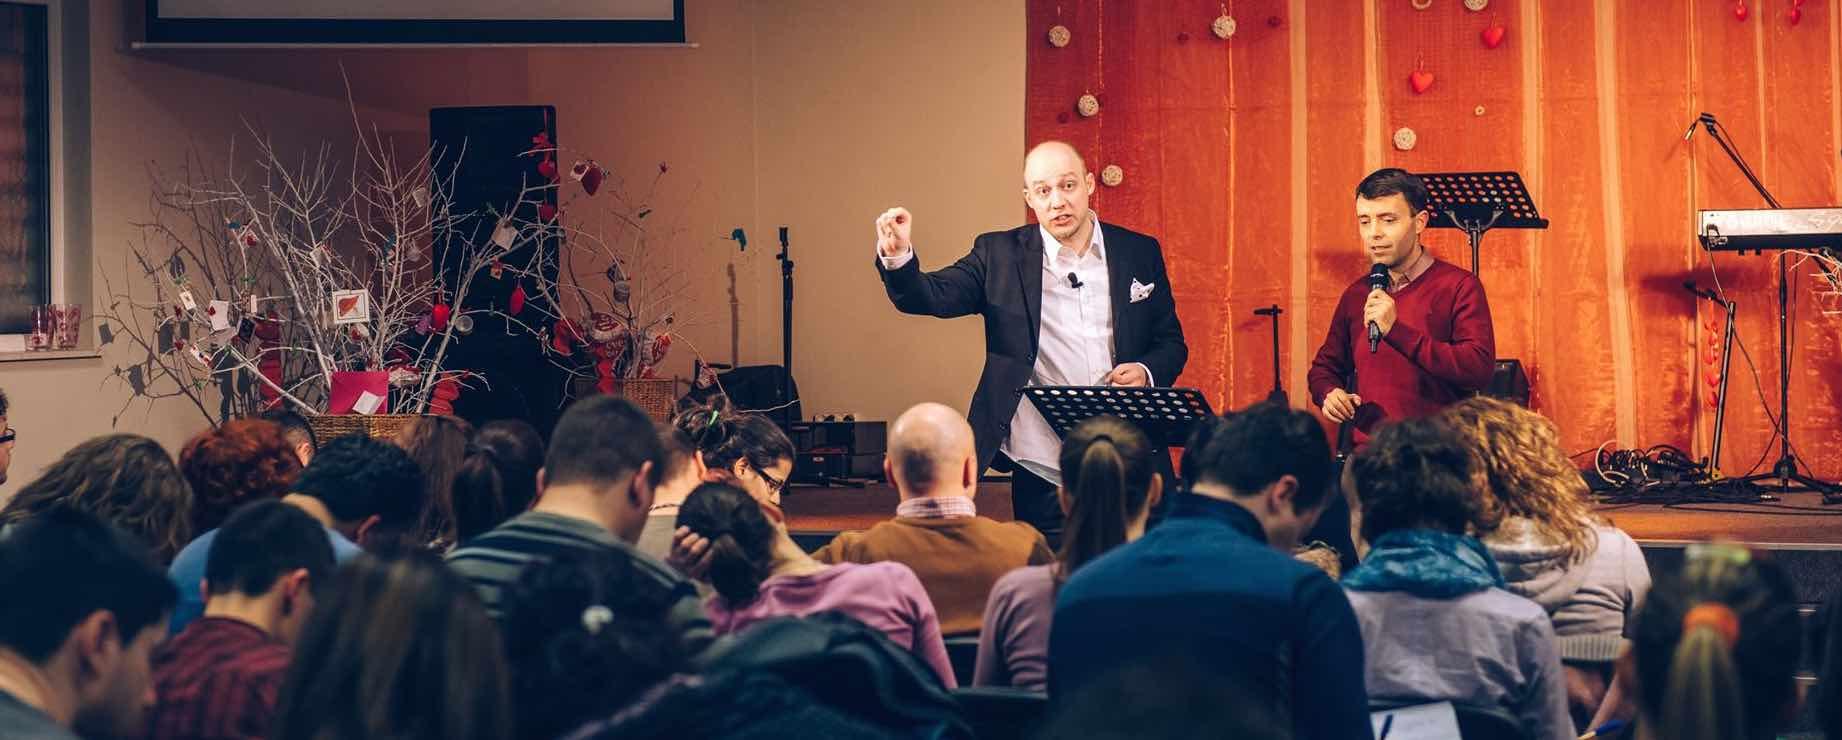 Pastor Derek Schneider - teaching